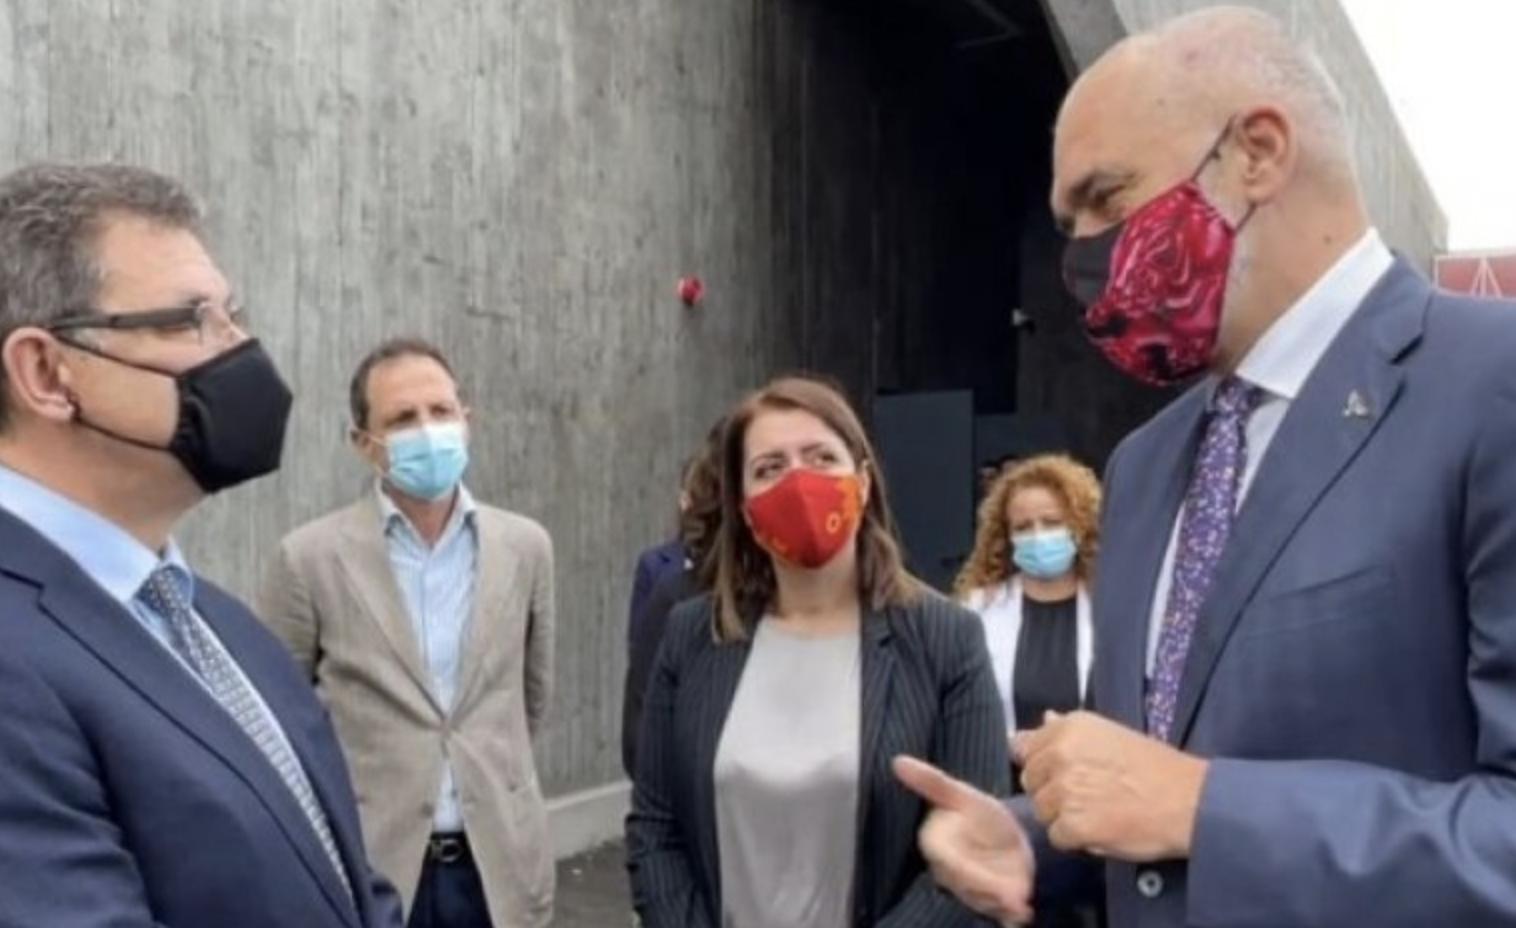 Ο επικεφαλής της Pfizer επισκέφθηκε την Αλβανία όπου επιθεώρησε τις συνθήκες διατήρησης των εμβολίων